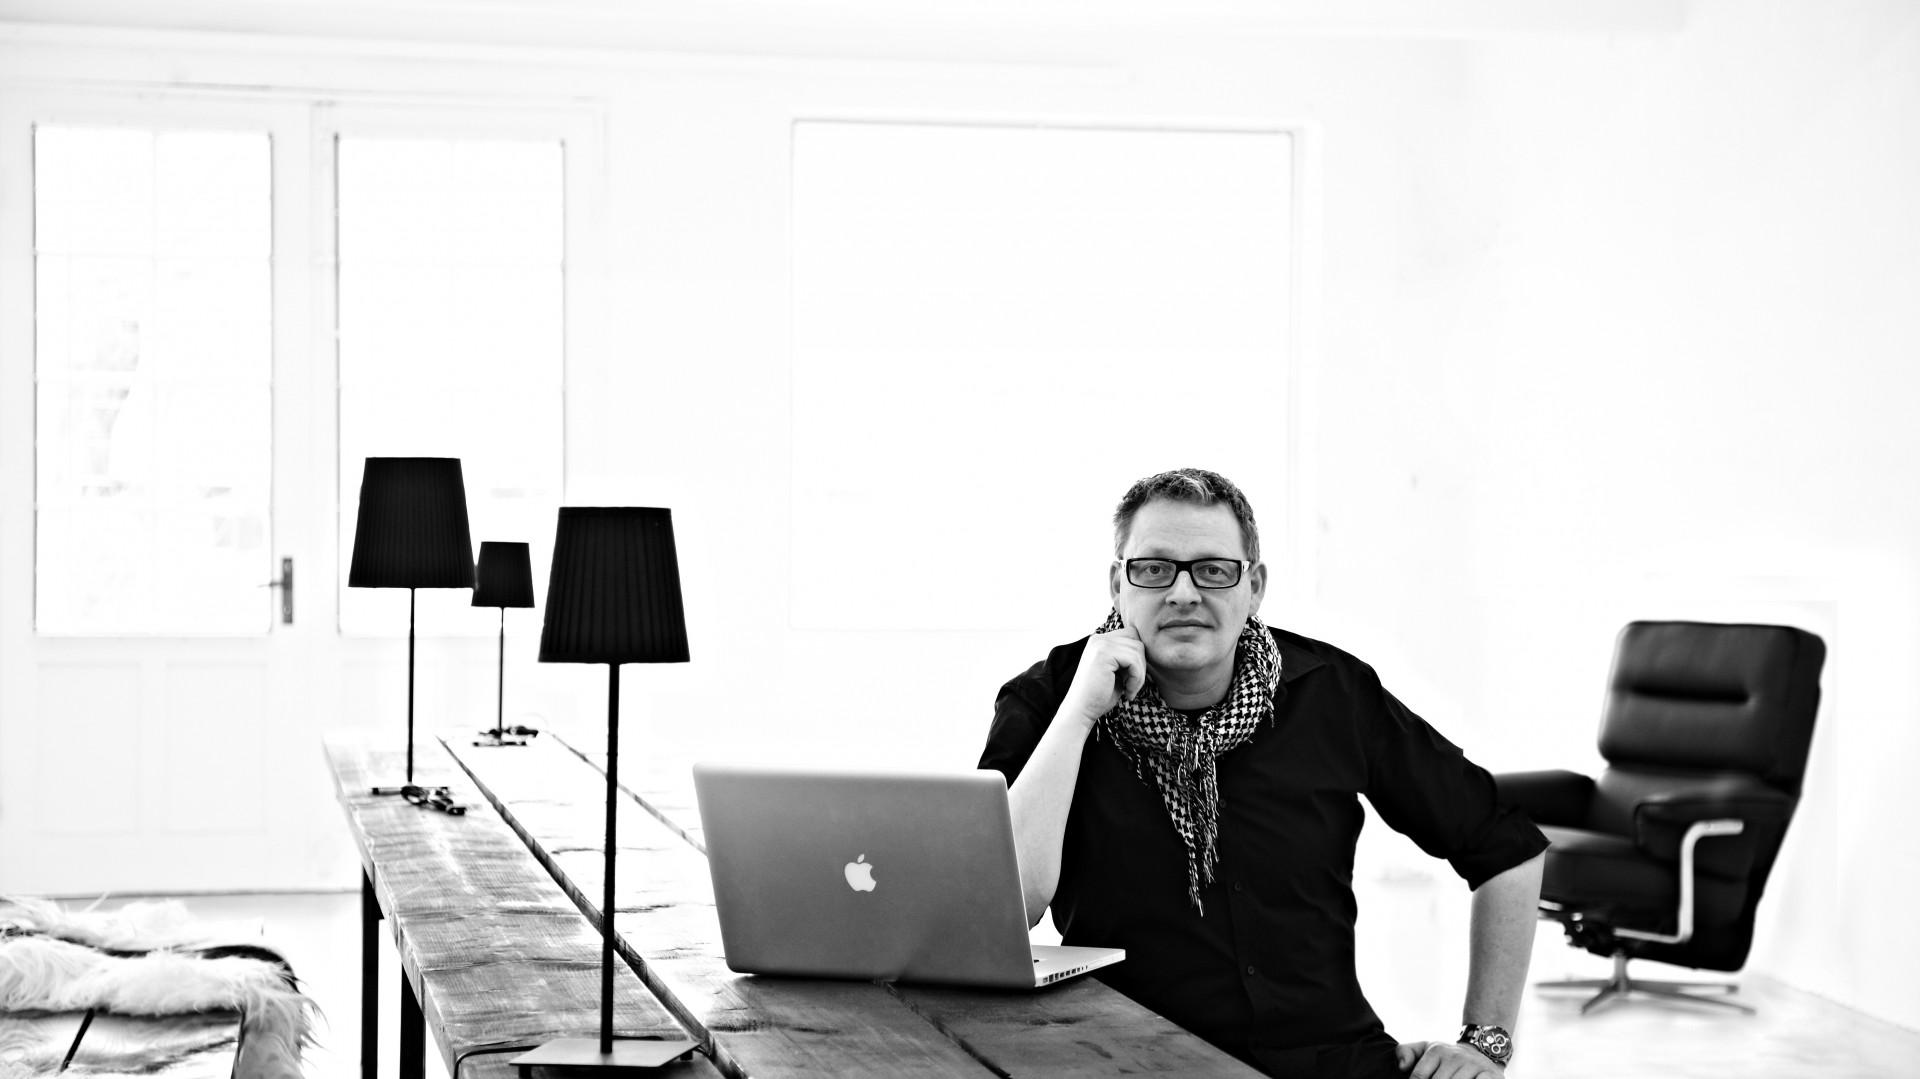 Henrik Pedersen to jeden z najbardziej uznanych duńskich projektantów. Jego wykład  o źródłach inspiracji i postrzeganiu roli designu w szybko zmieniającym się świecie zainaugurował czwartą edycję Forum Dobrego Designu 7 grudnia 2016 r.